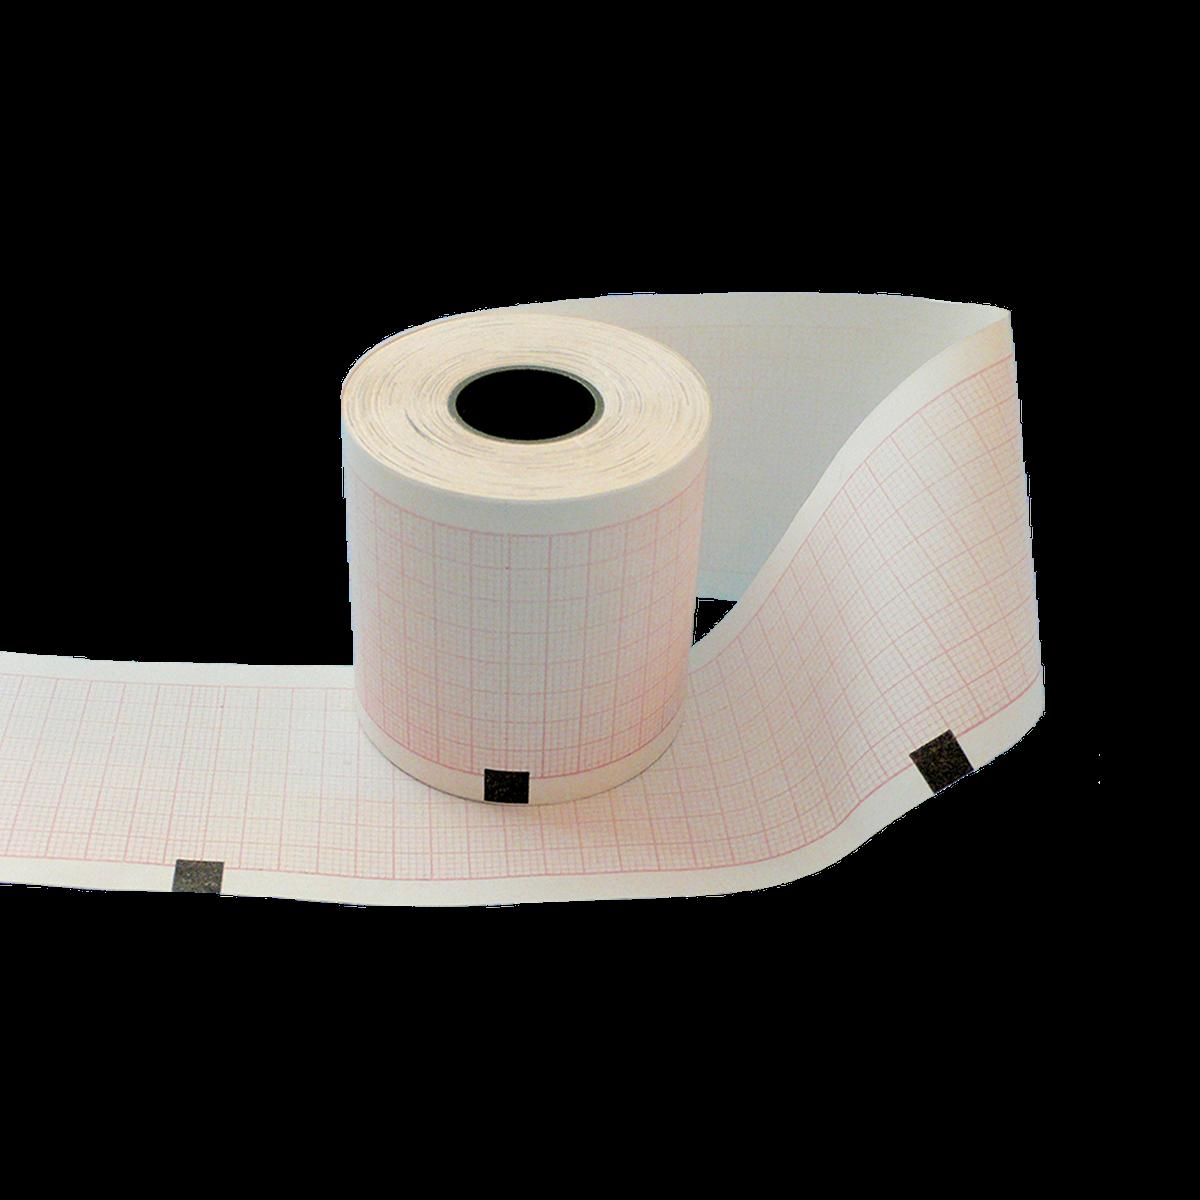 50x30x18, бумага ЭКГ для Cardioline ETA 150, реестр 4020